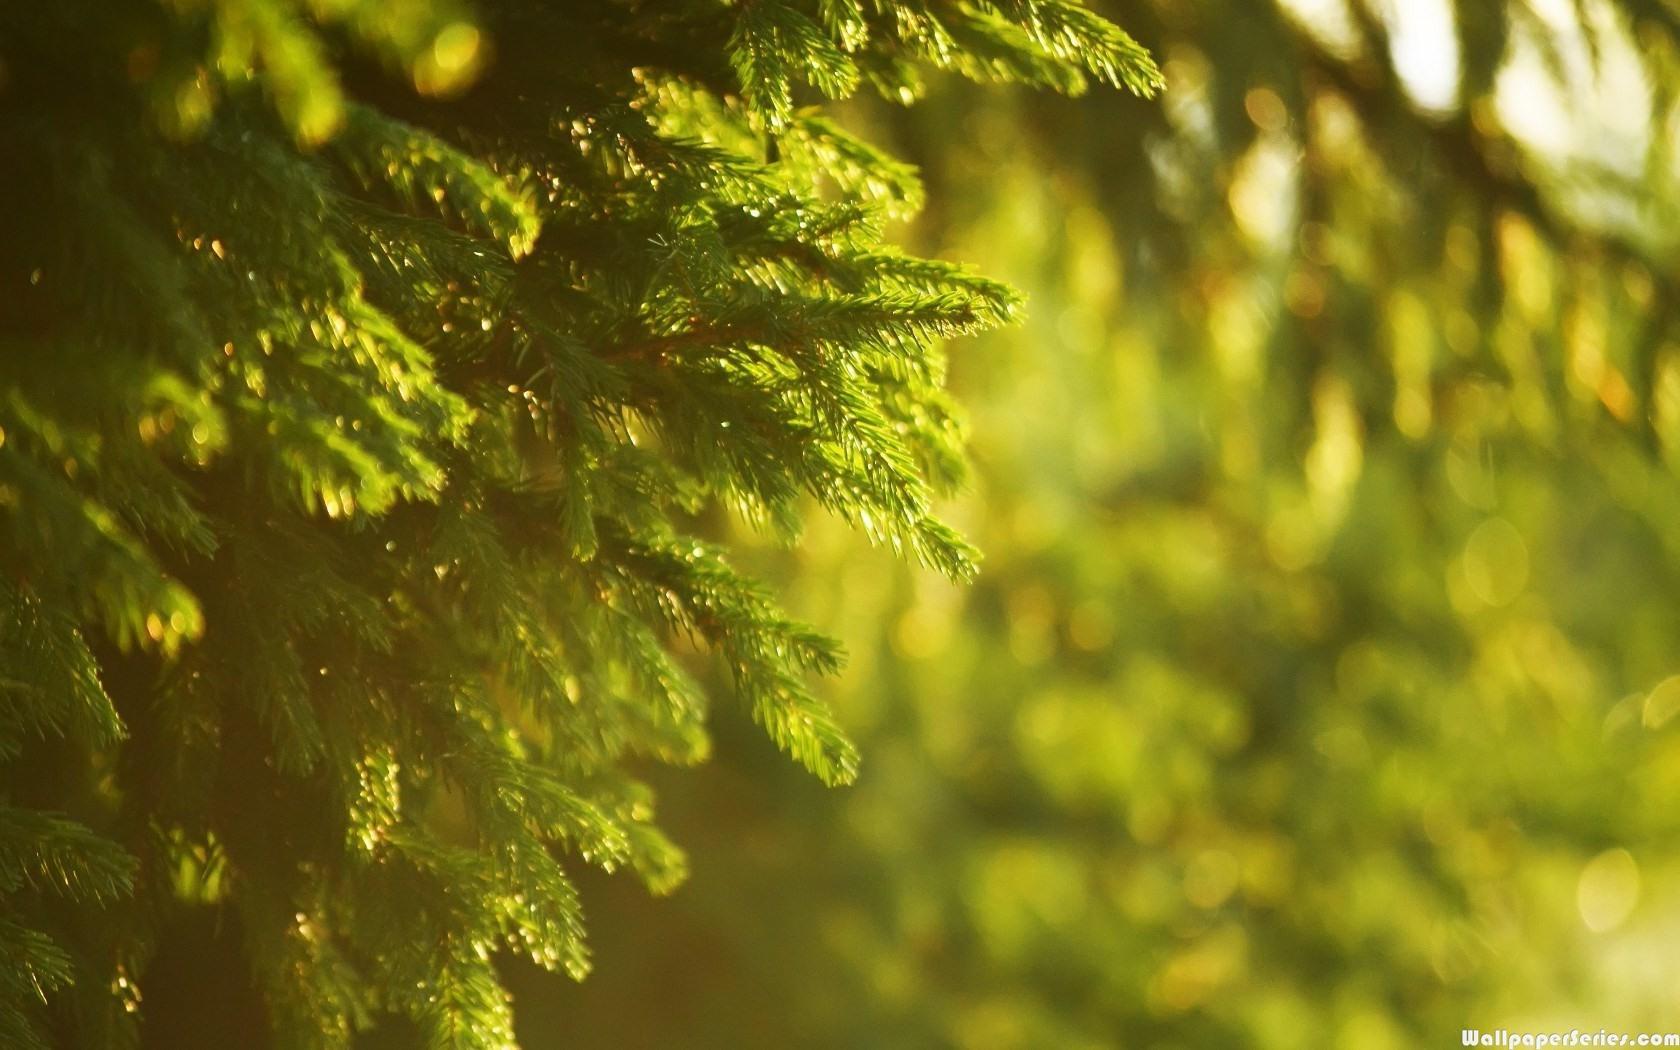 Girl Side Face Wallpaper Hd Spruce Tree Wallpaper Download Free 139447